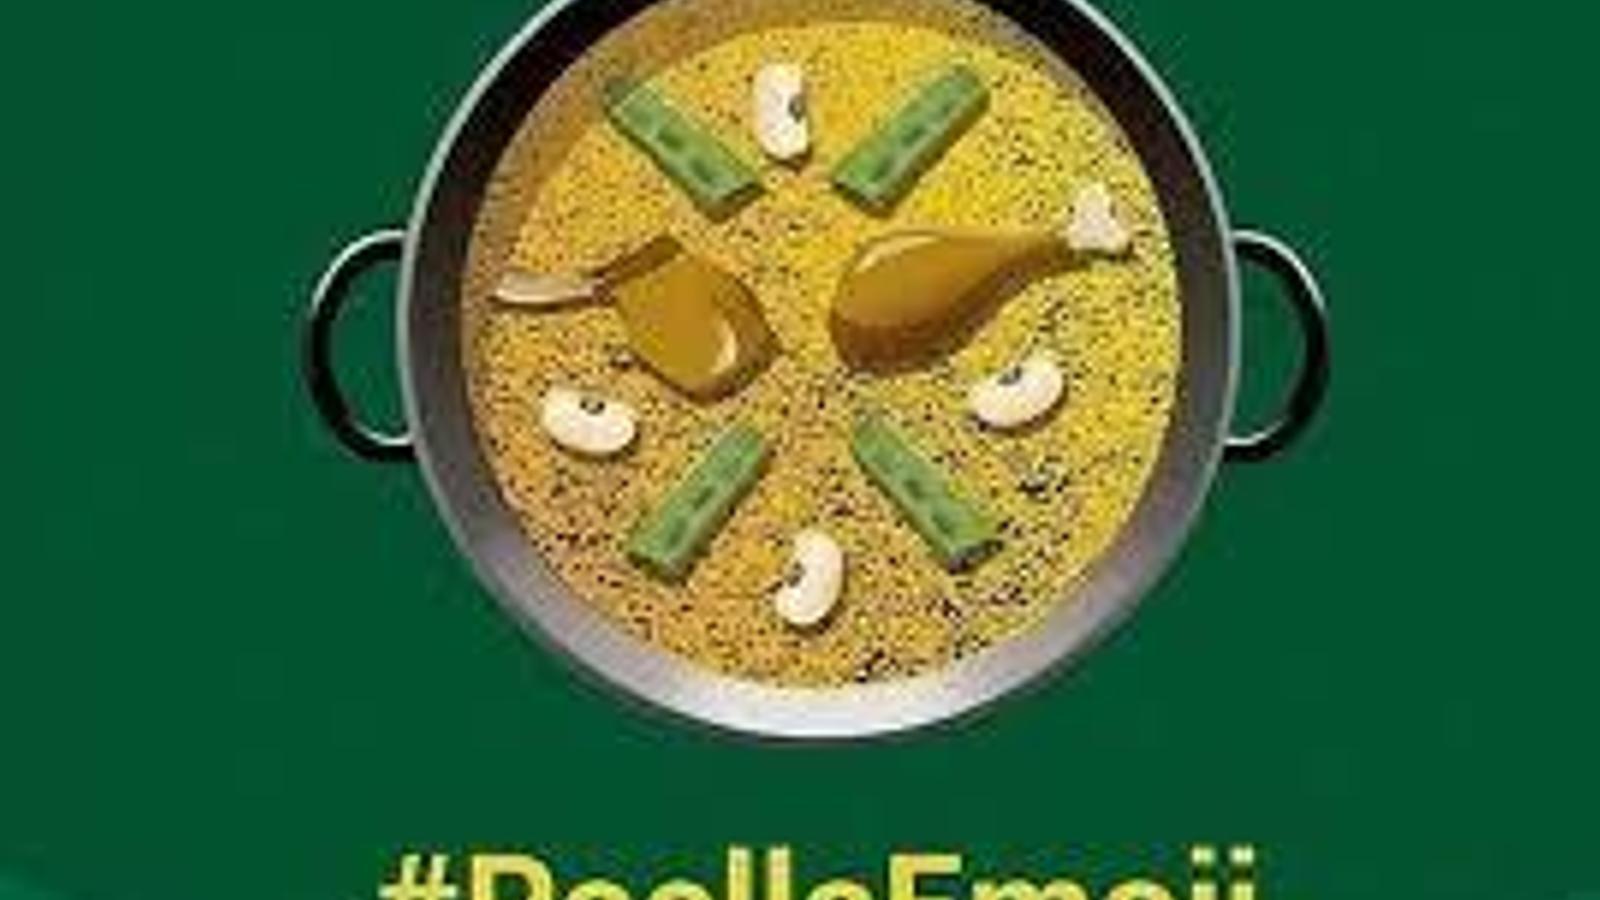 La paella valenciana tindrà icona de WhatsApp